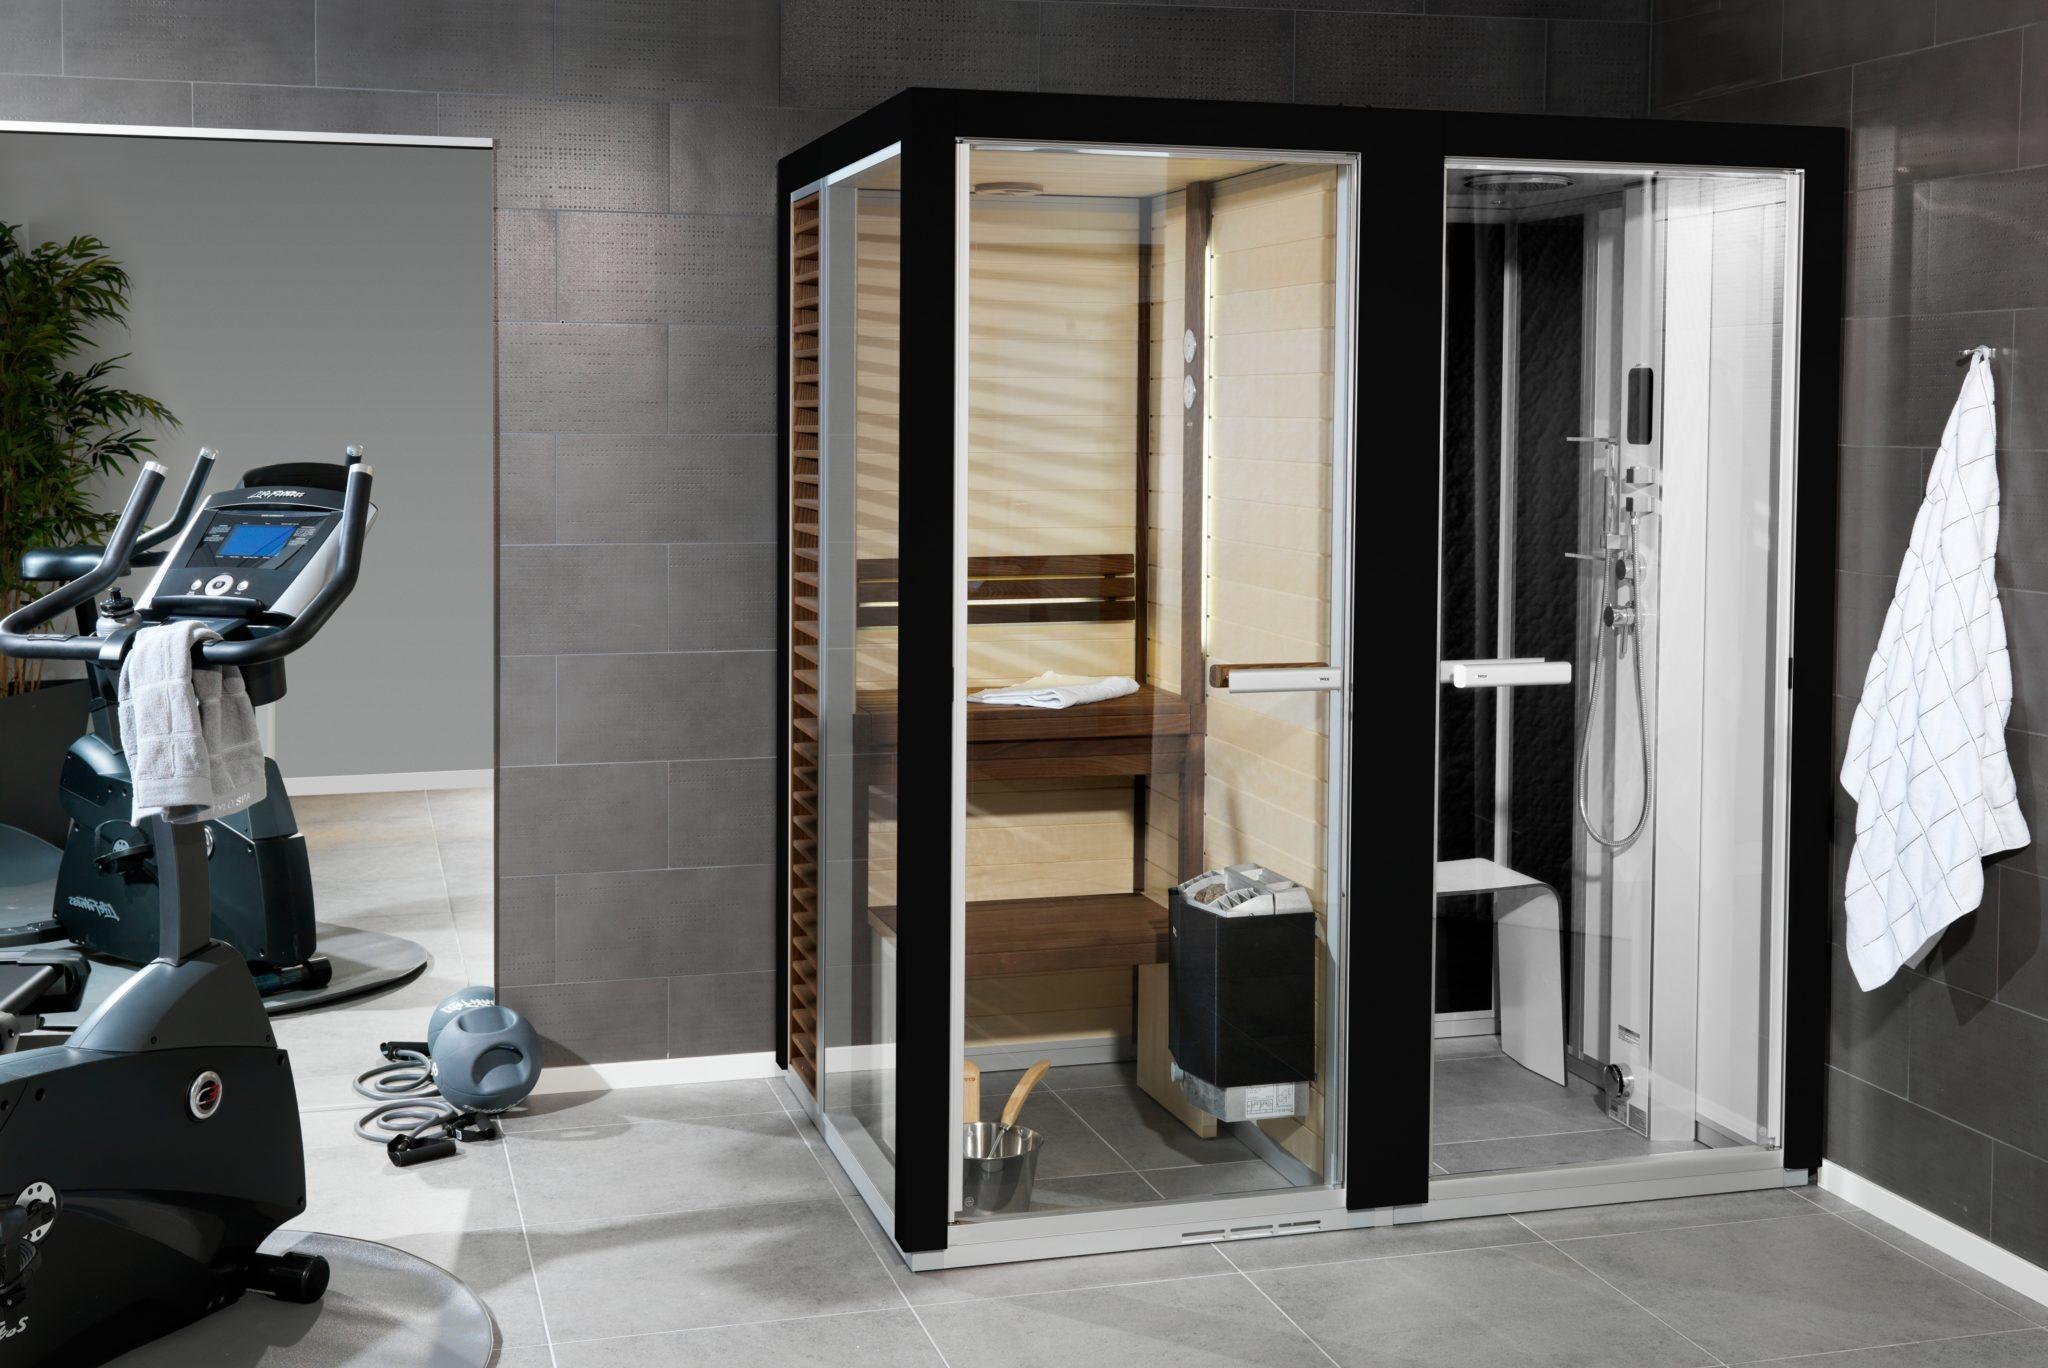 Impression-Twin-sauna-hammam-32-ret-bl